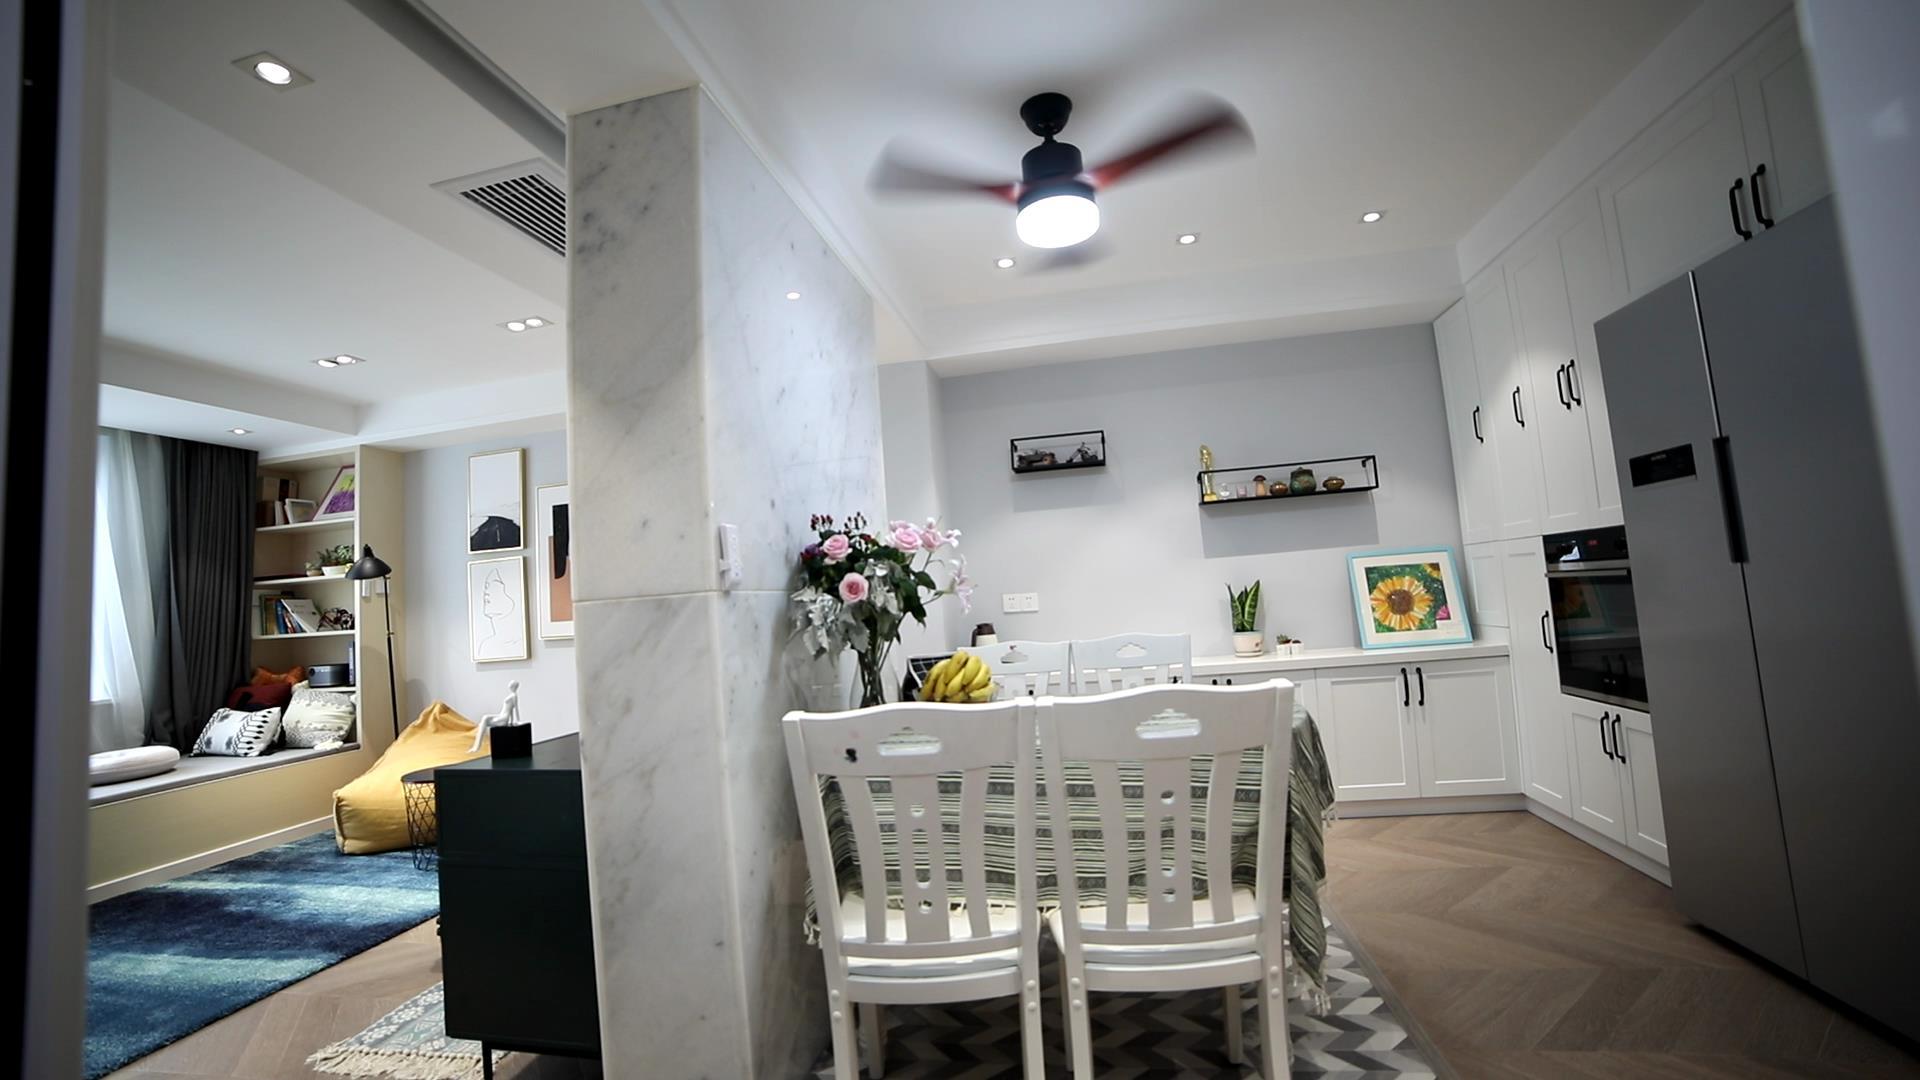 77平米两居室餐厅装修效果图